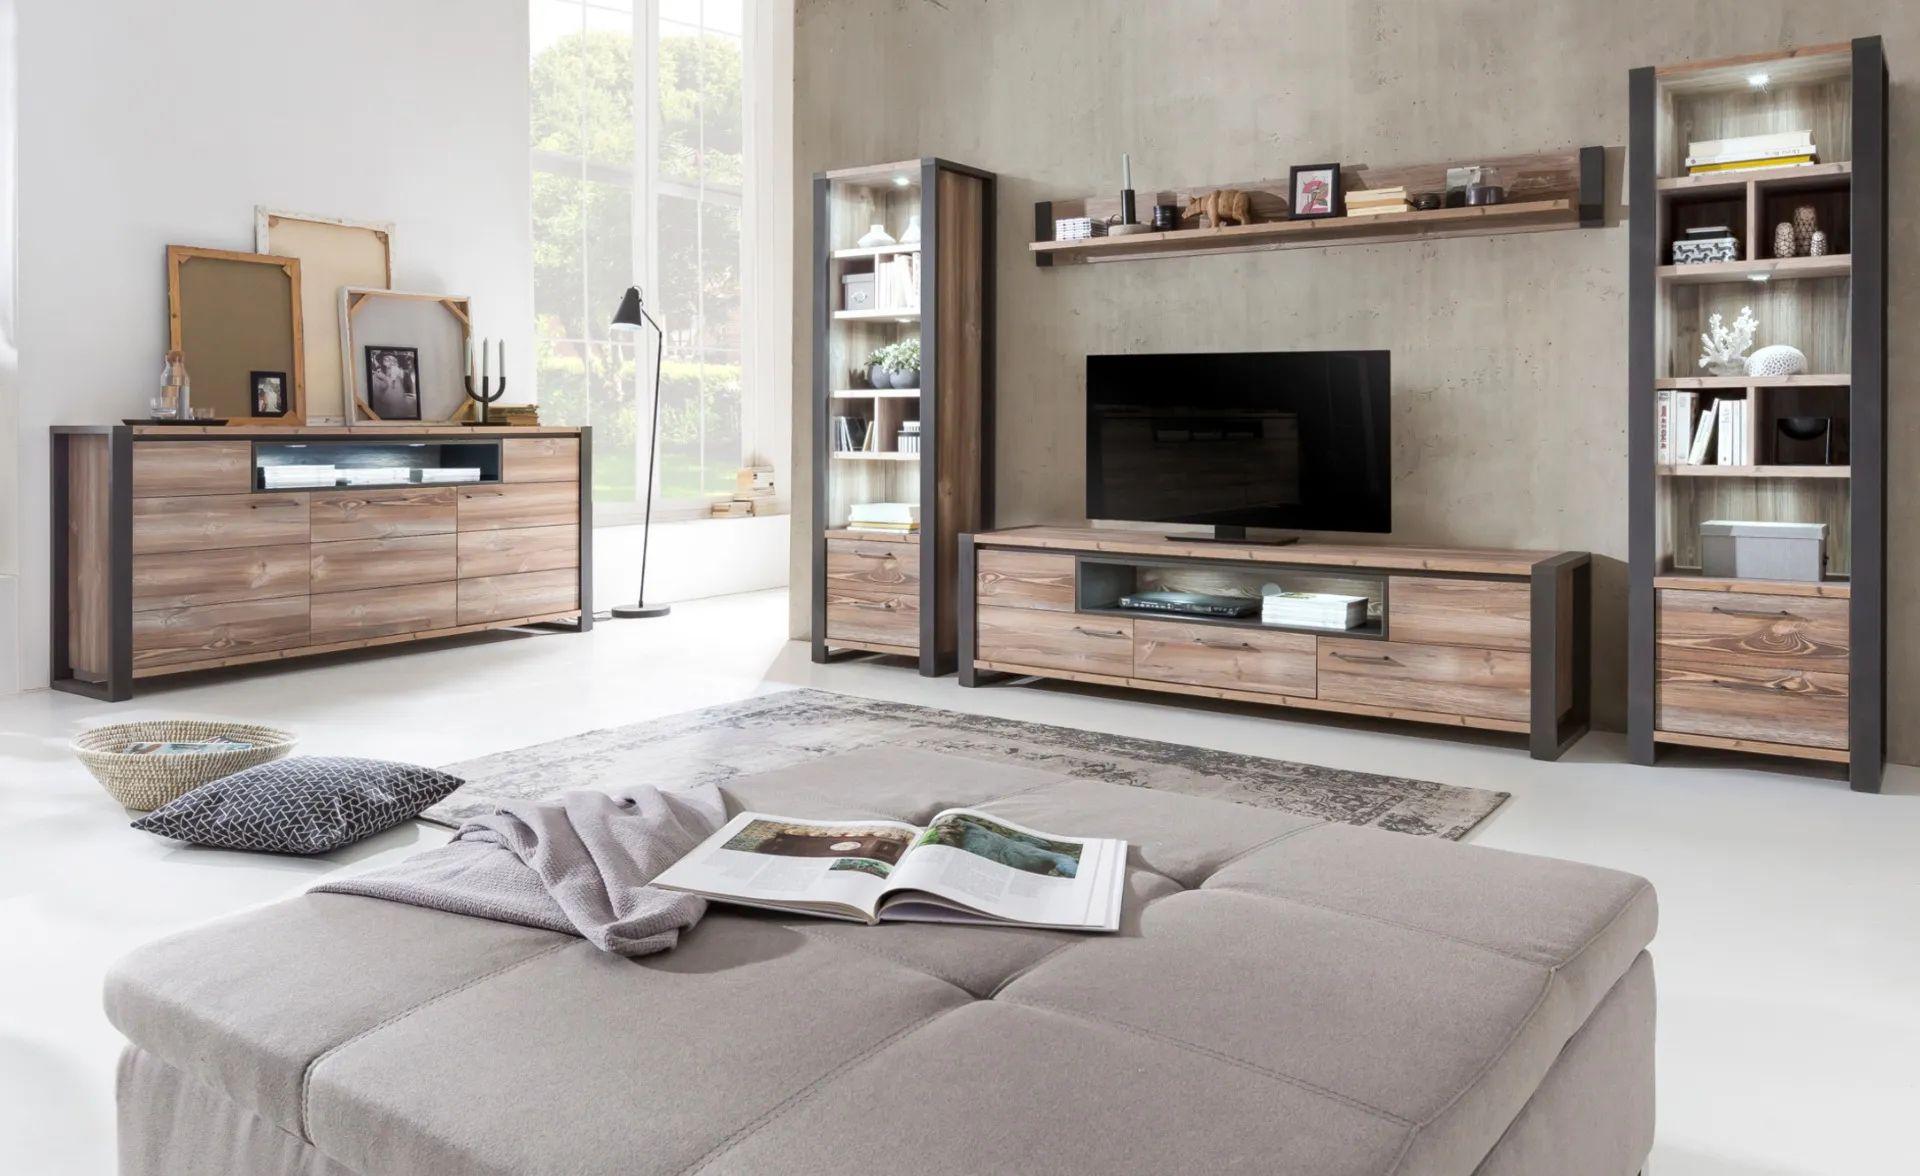 parete attrezzata dal design moderno abbinato alla qualità del legno. Soggiorno Tenerife Parete Soggiorno Conforama